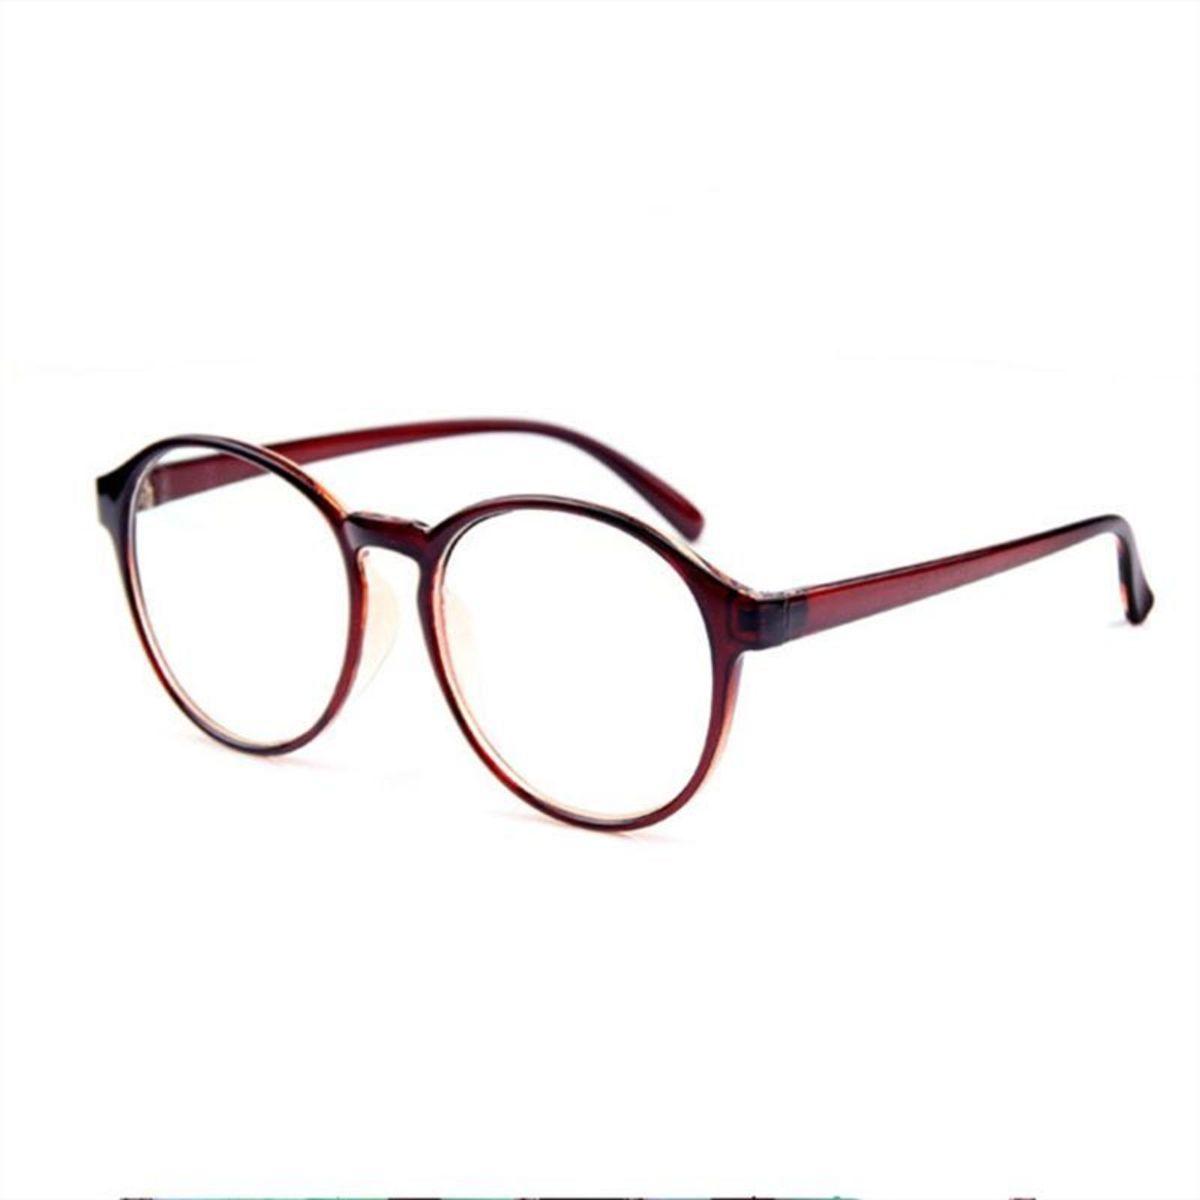 dc63bf9f75fc0 Óculos Redondo - Geek - Vintage - Armação - Unissex